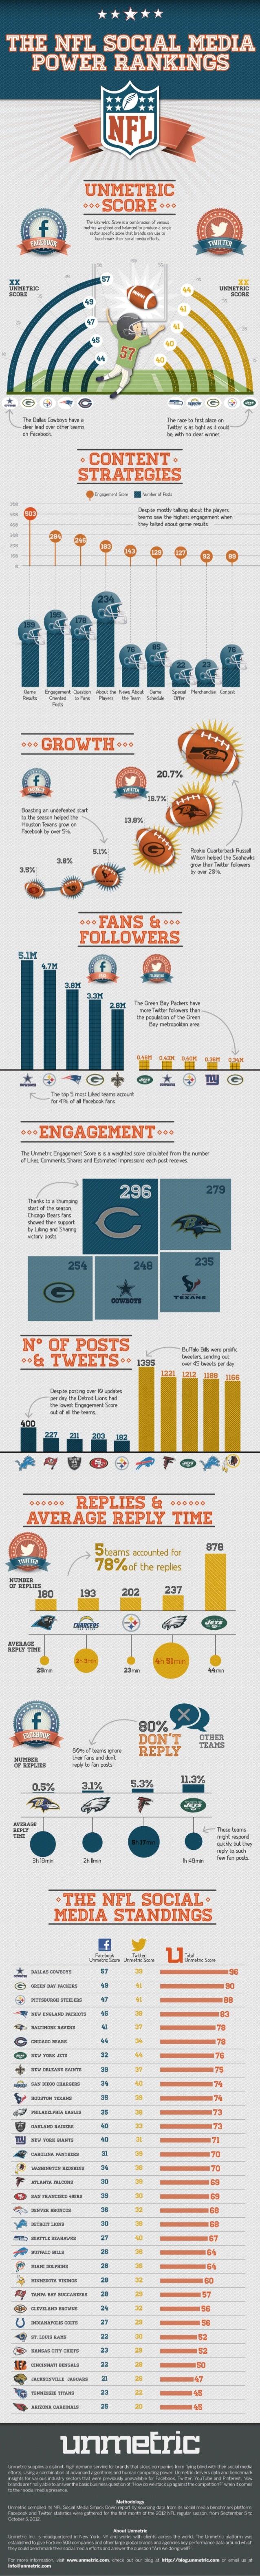 The NFL Social Media Power Rankings